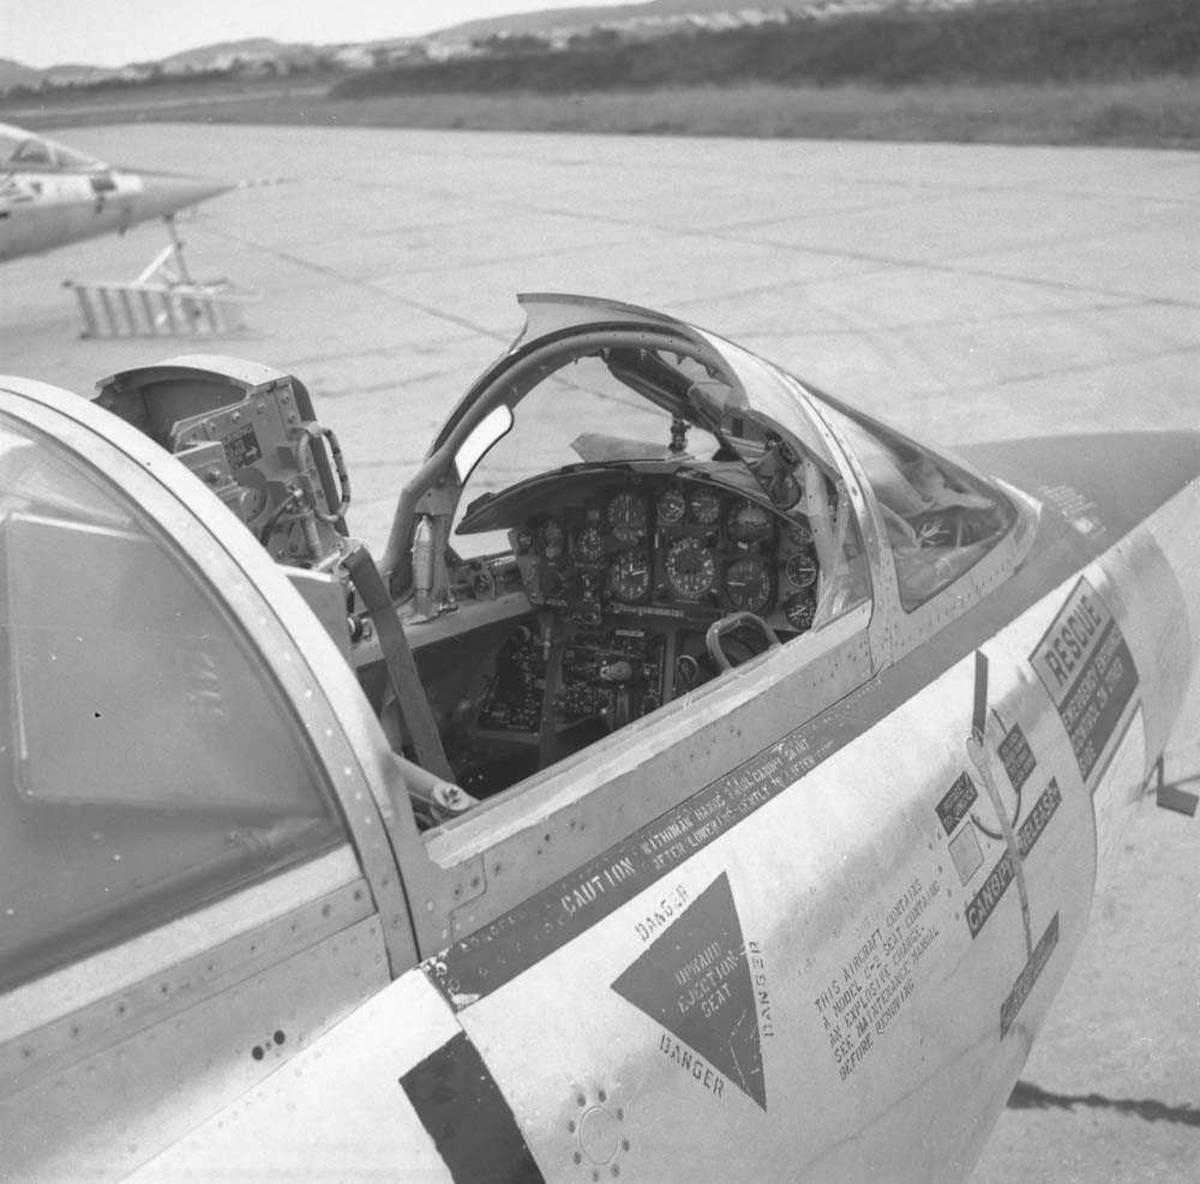 Skade på canopy, F-104-G Starfighter, kjennetegn FN-H, tail nr. 61-2631, 331 skvadron på Bodø flystasjon.